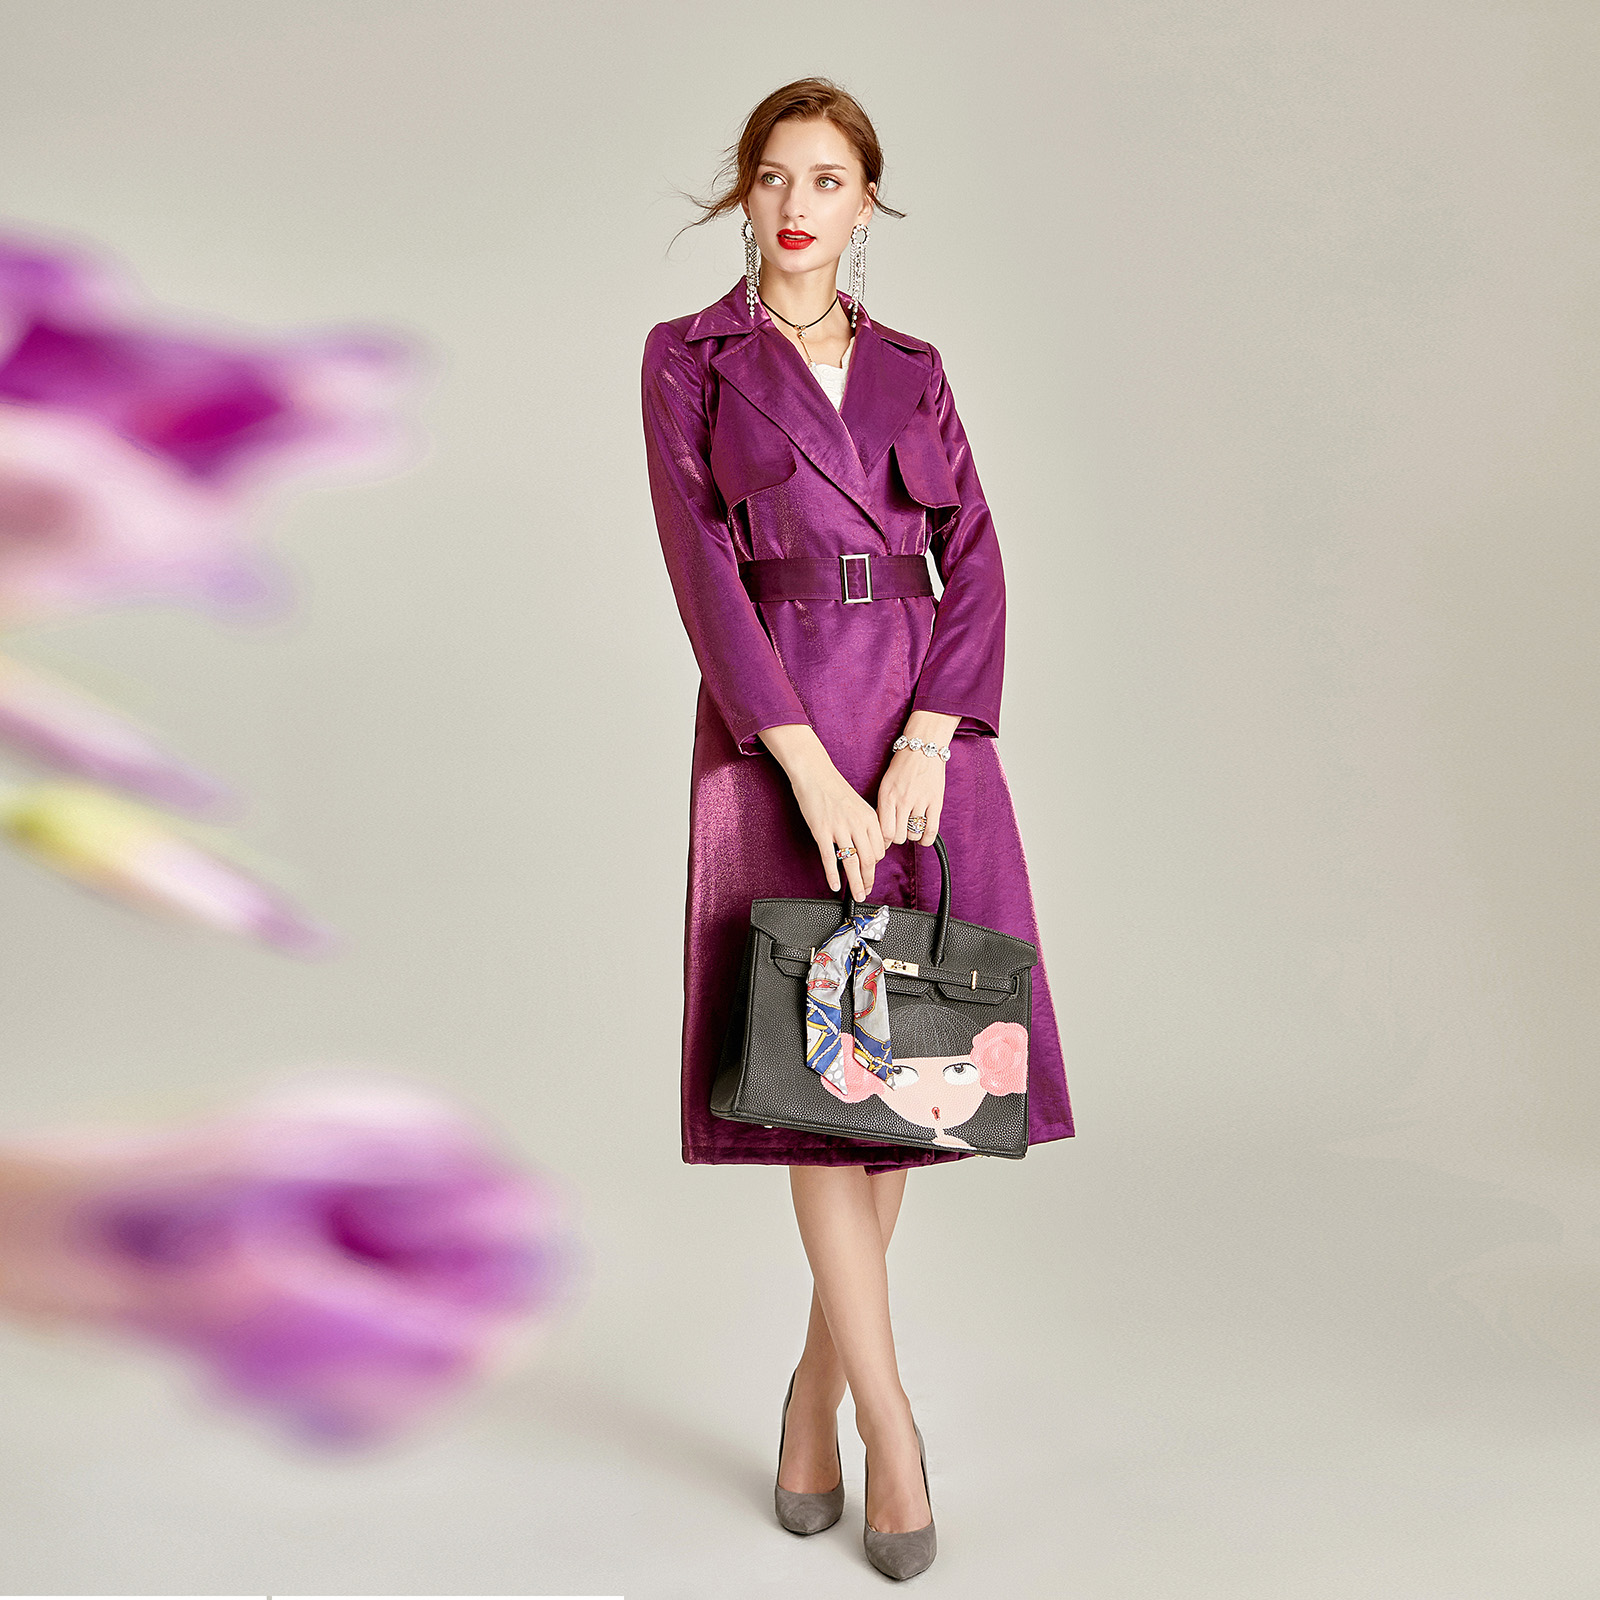 2019 весенне осенний Женский Тренч с отложным воротником и поясом, однотонный Фиолетовый Модный темпераментный длинный Тренч h154